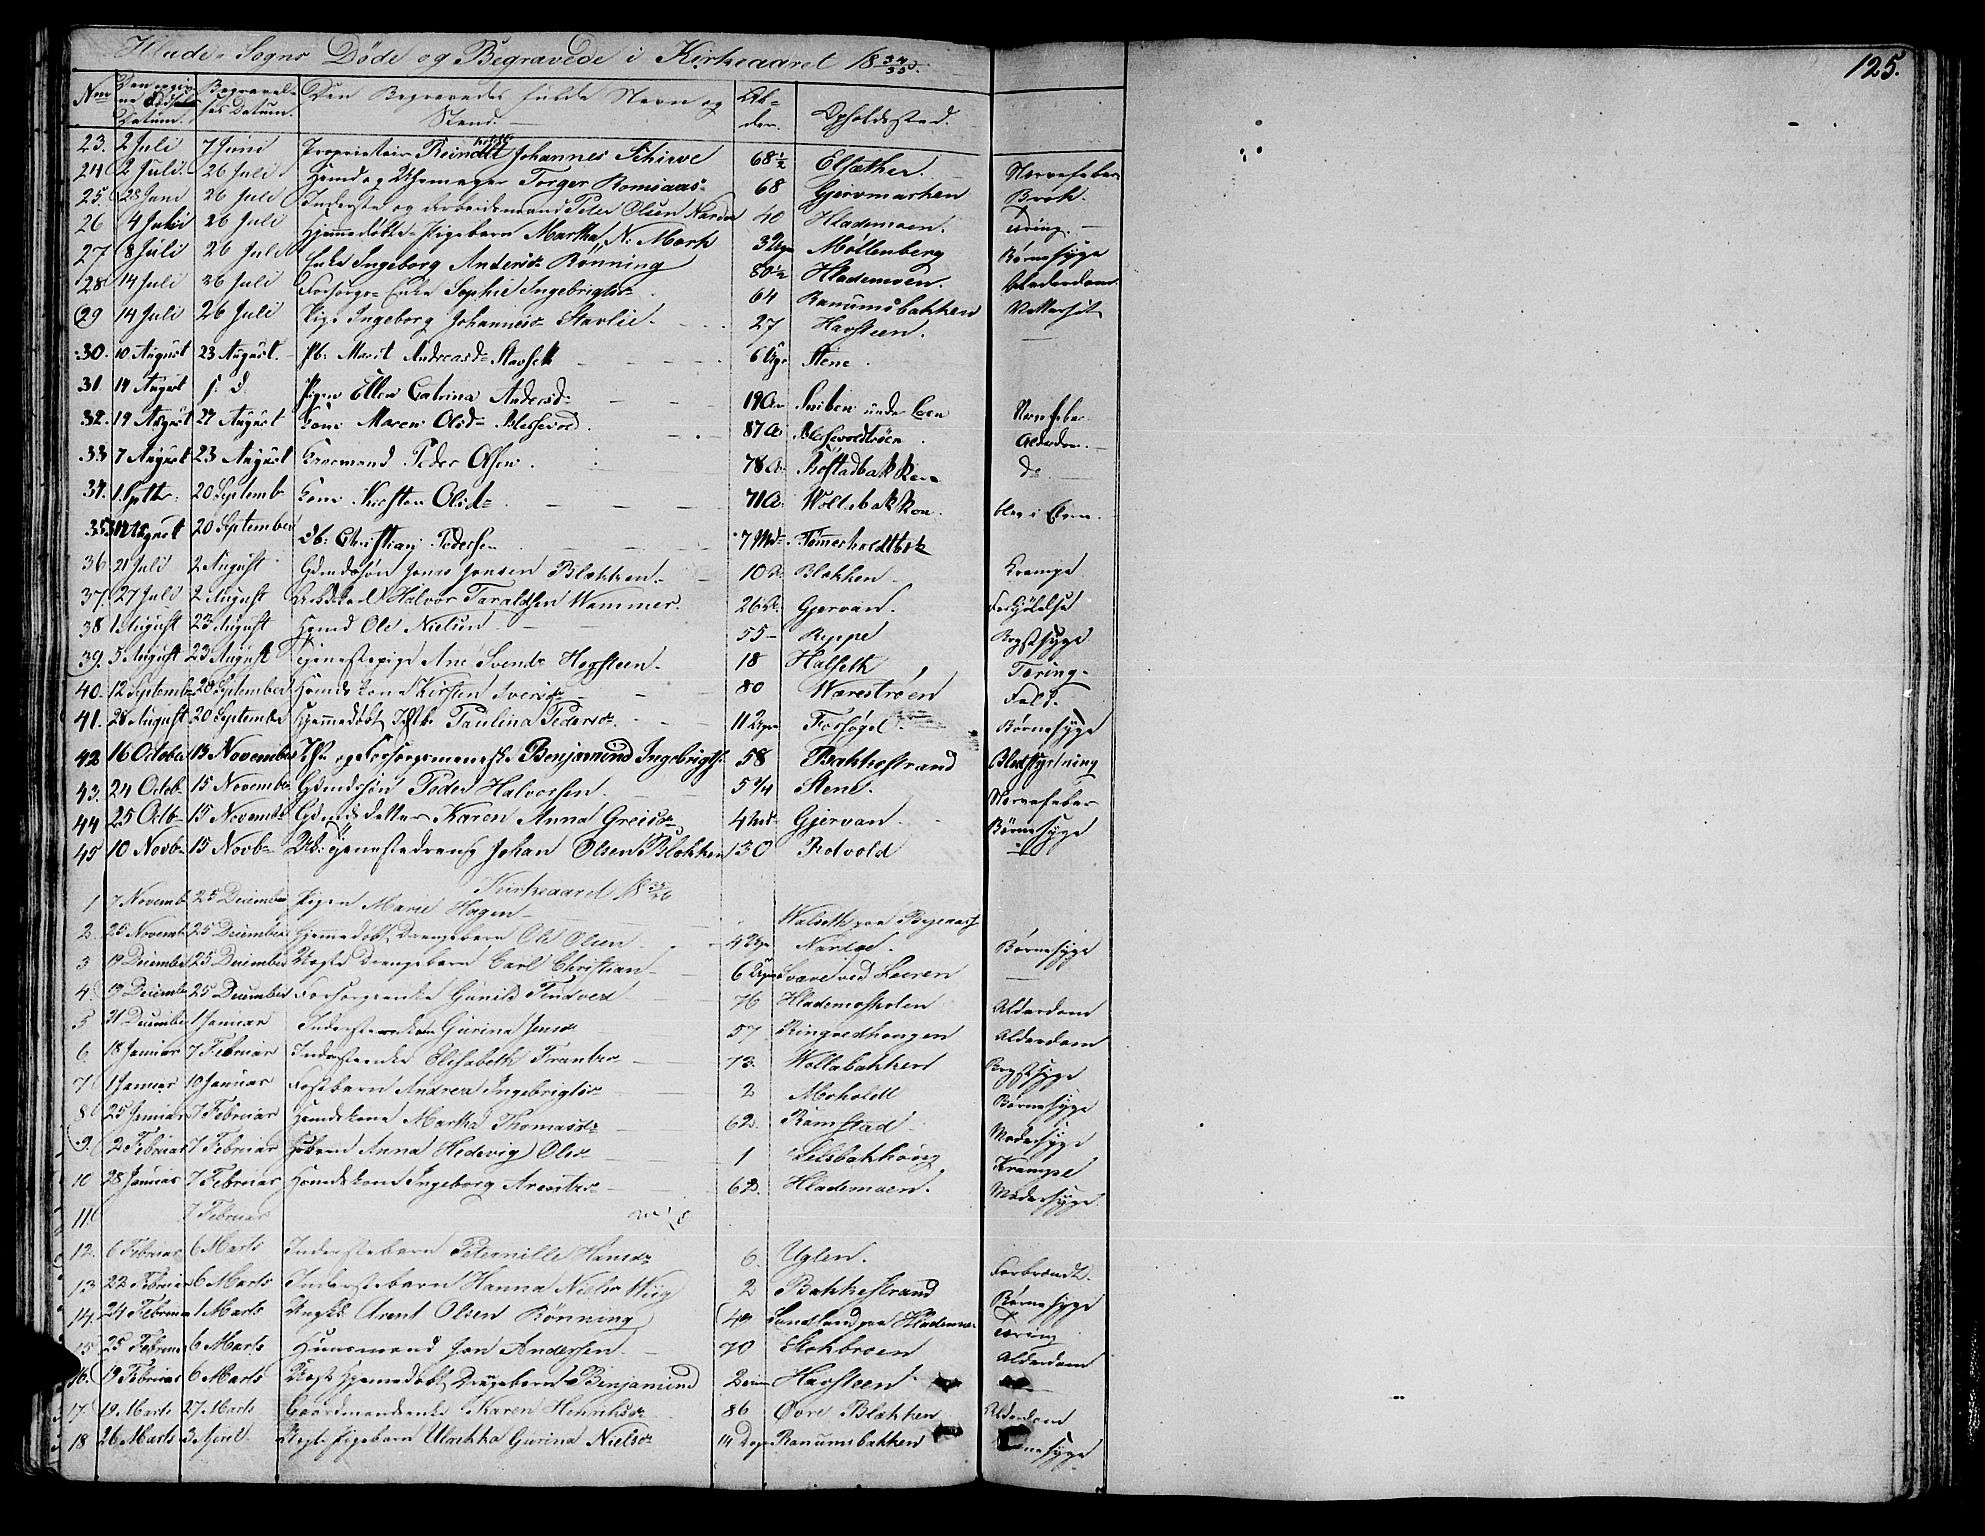 SAT, Ministerialprotokoller, klokkerbøker og fødselsregistre - Sør-Trøndelag, 606/L0308: Klokkerbok nr. 606C04, 1829-1840, s. 125